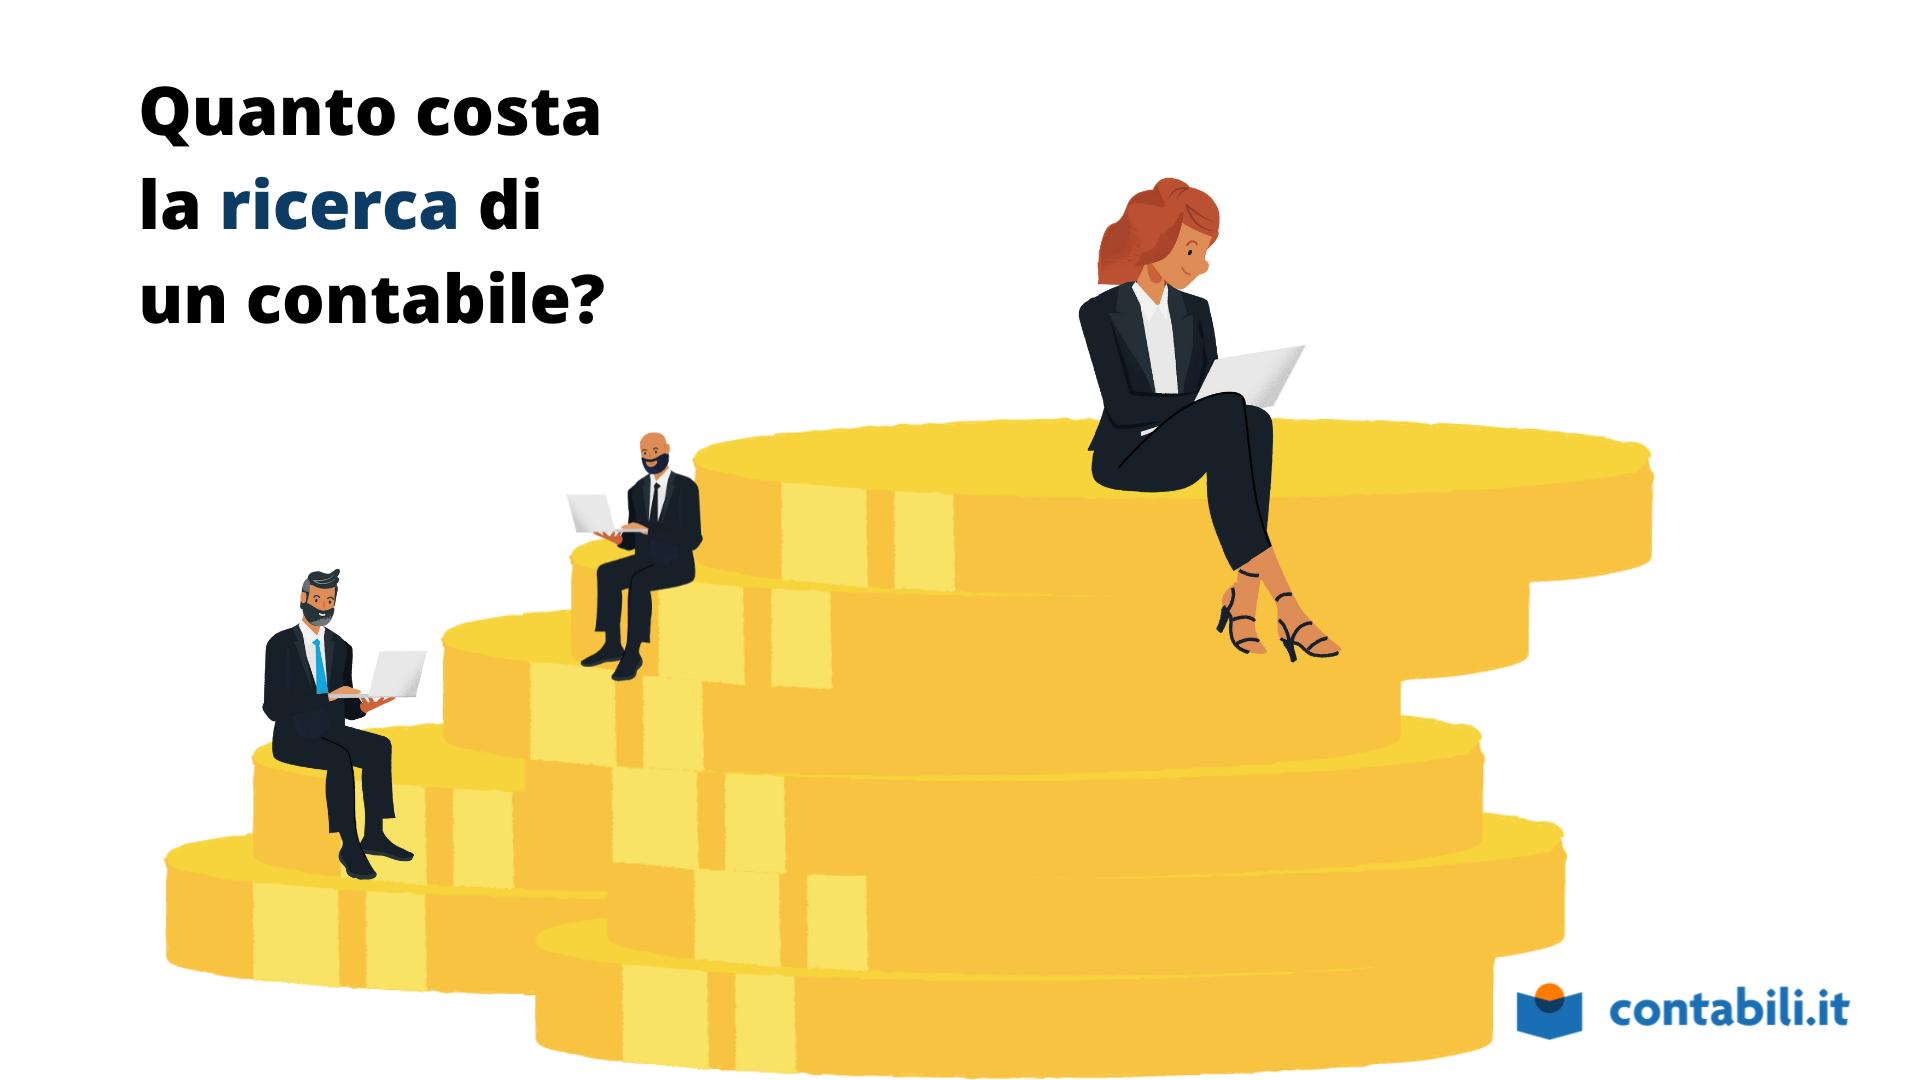 Quanto costa all'azienda la ricerca di un contabile?